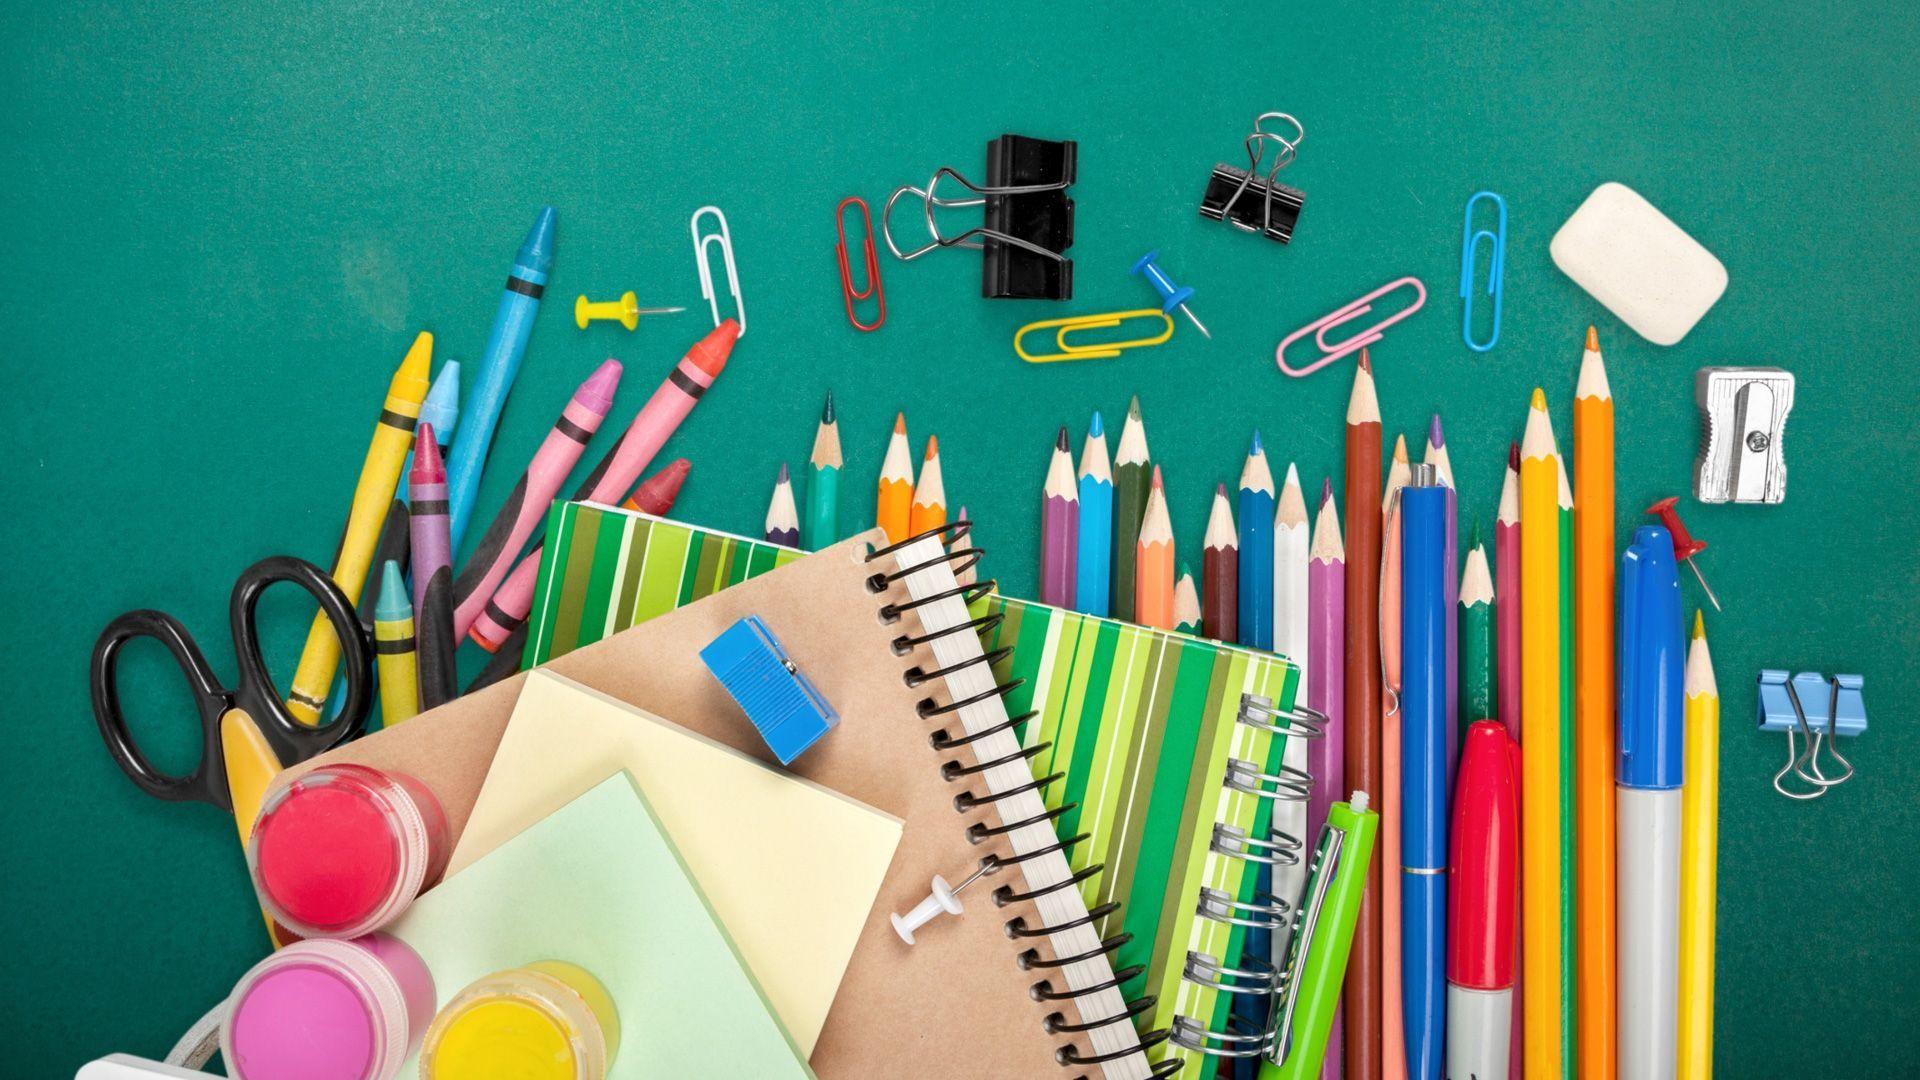 Back to school: zaini, diari e accessori per tornare sui banchi di scuola